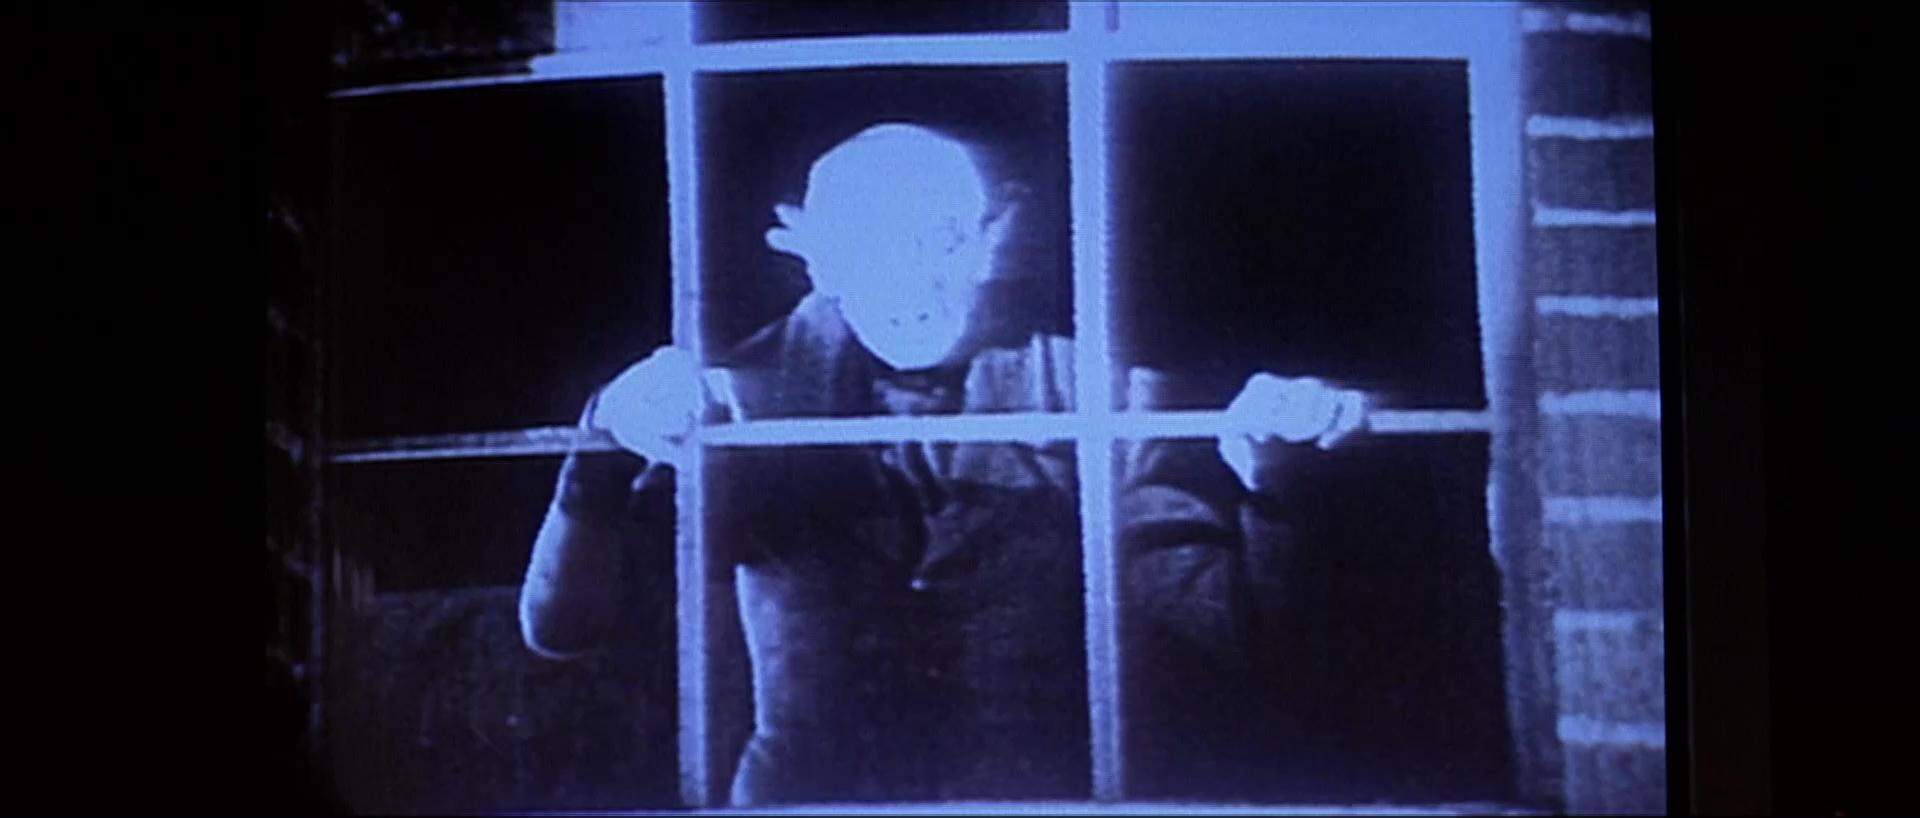 Scream 2 film still 3